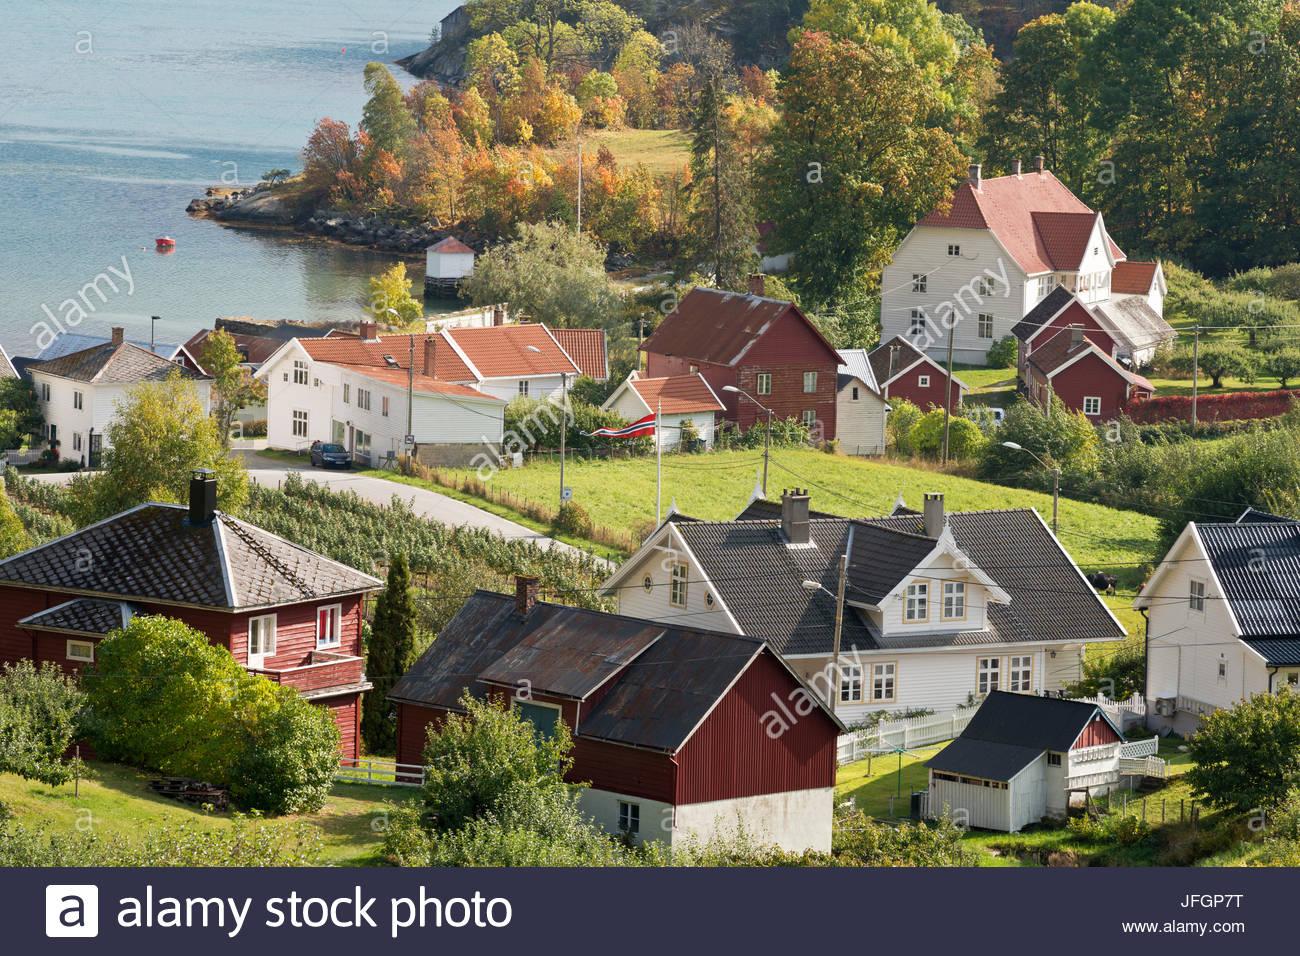 Dorf Solvorn am Lustrafjord, inneren Zweig des Sognefjords, typisch ...